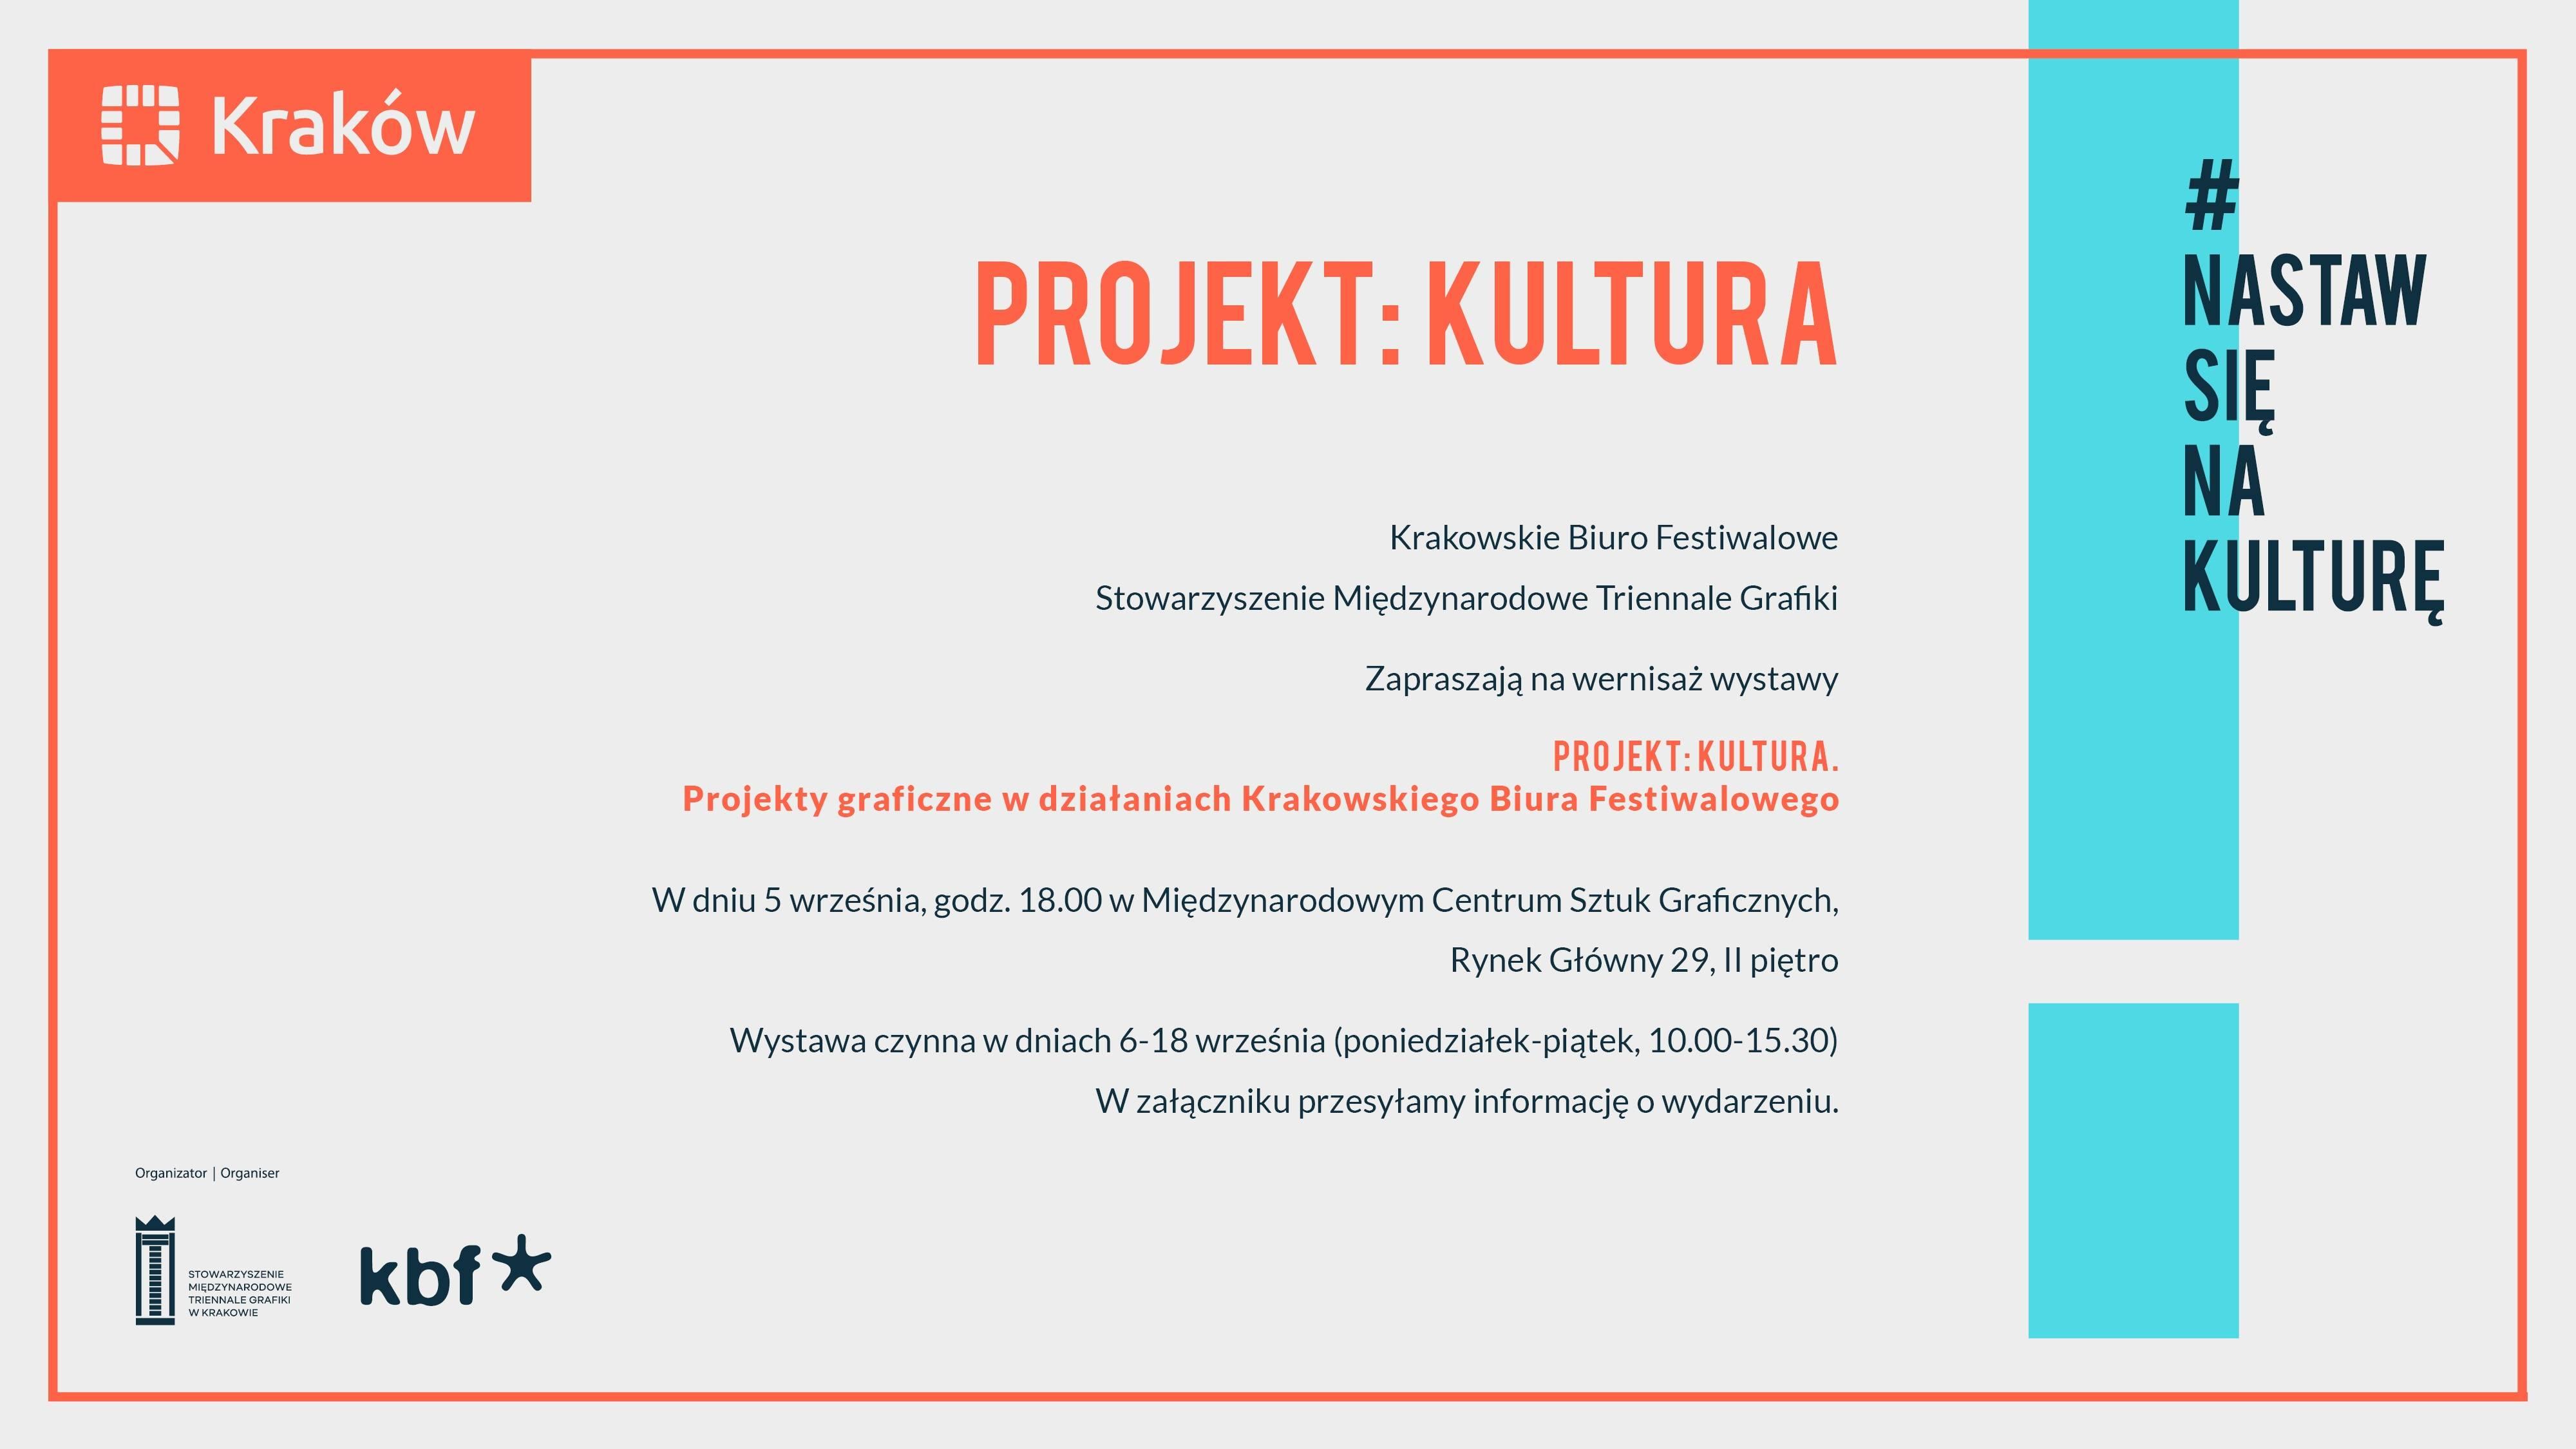 """""""Projekt: Kultura"""" (źródło: materiały prasowe organizatora)"""